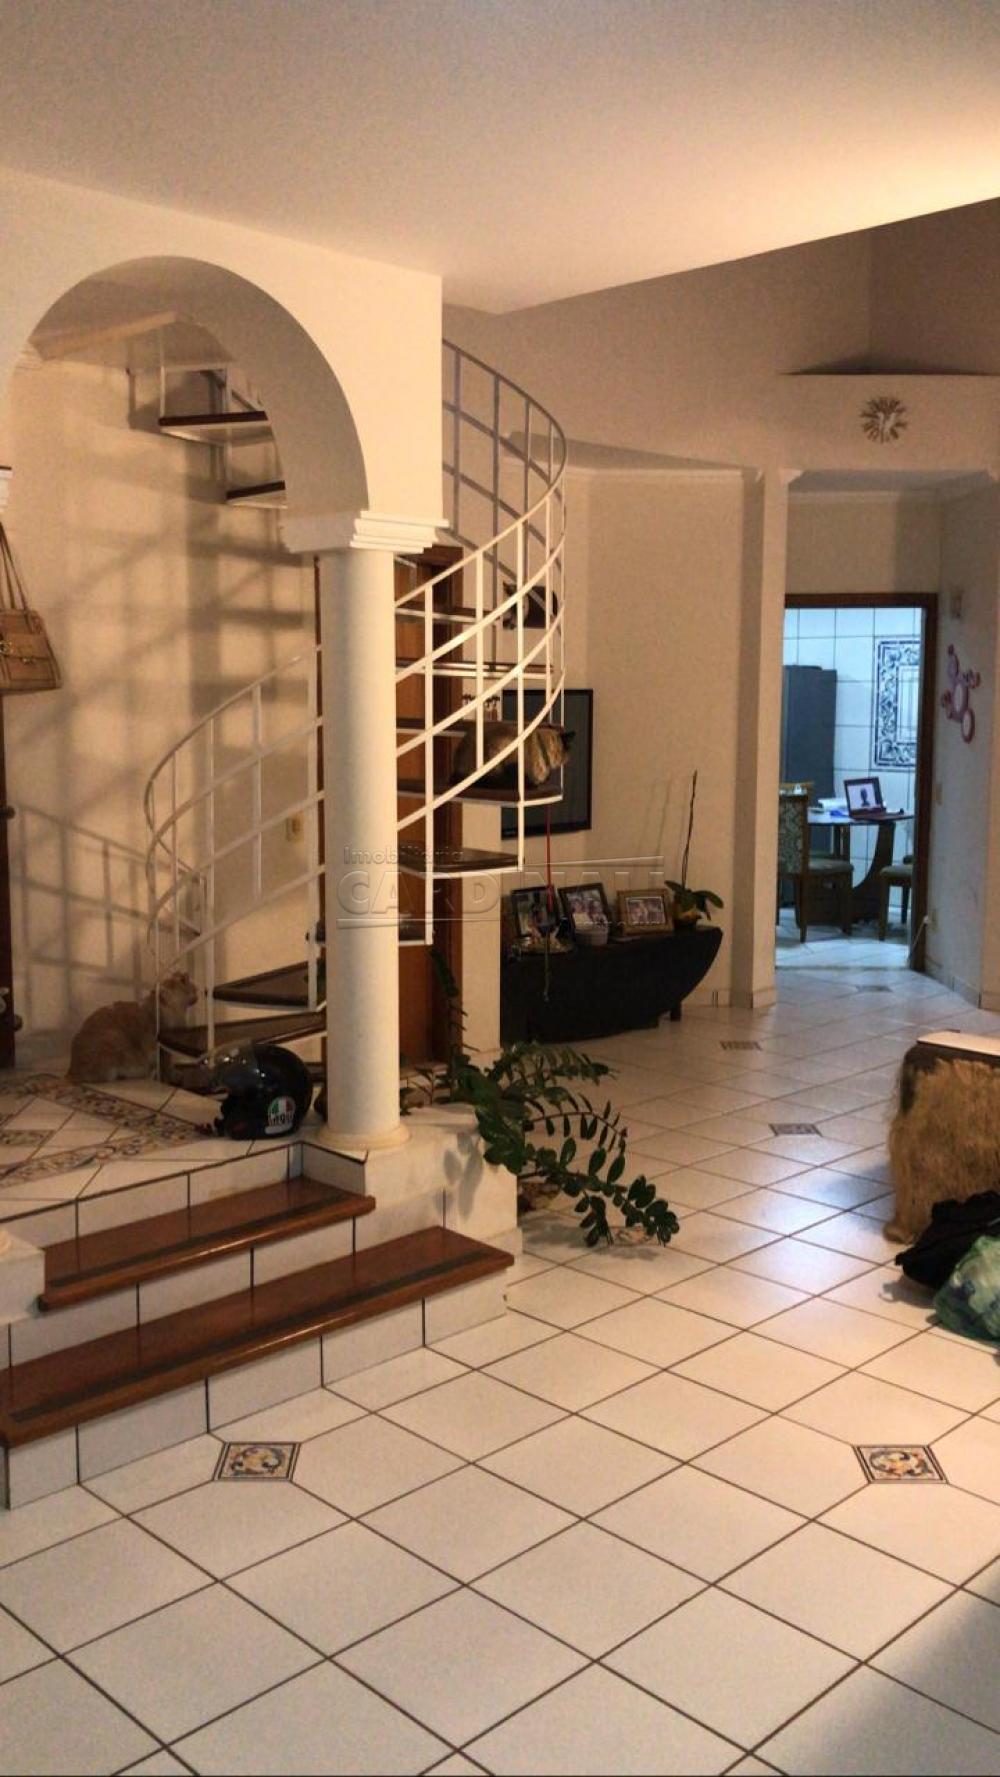 Comprar Casa / Padrão em Araraquara R$ 900.000,00 - Foto 10